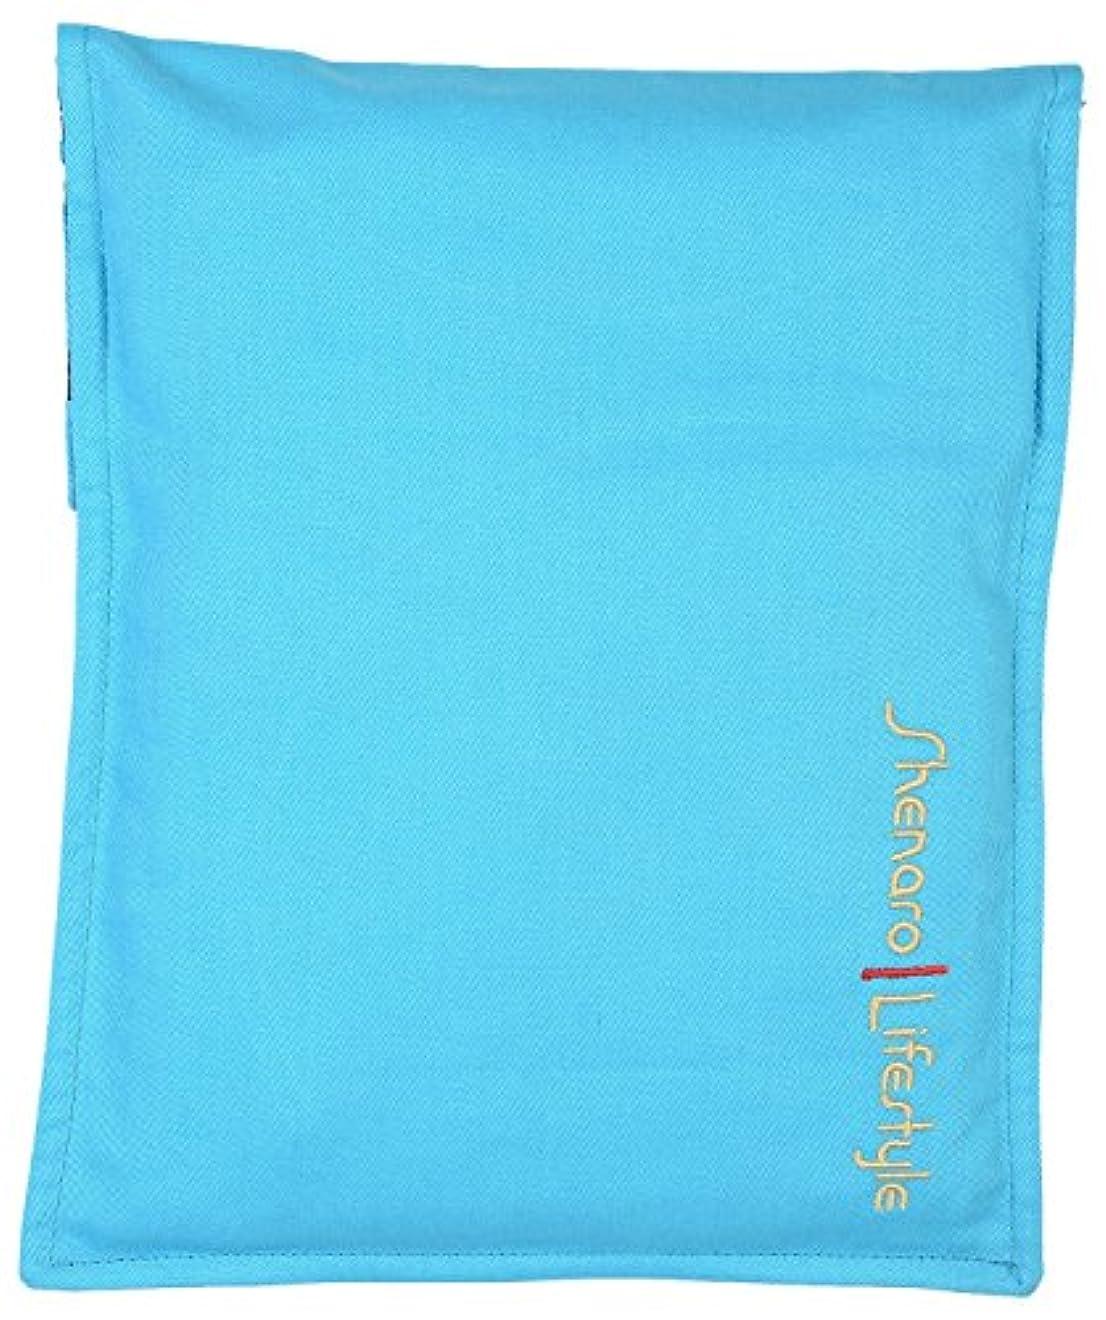 シチリアフィルタディベートShenaro Lifestyle's: Cotton Organic and Eco-Friendly Pain Relief Wheat Bag with Treated Whole Grains and Aroma...